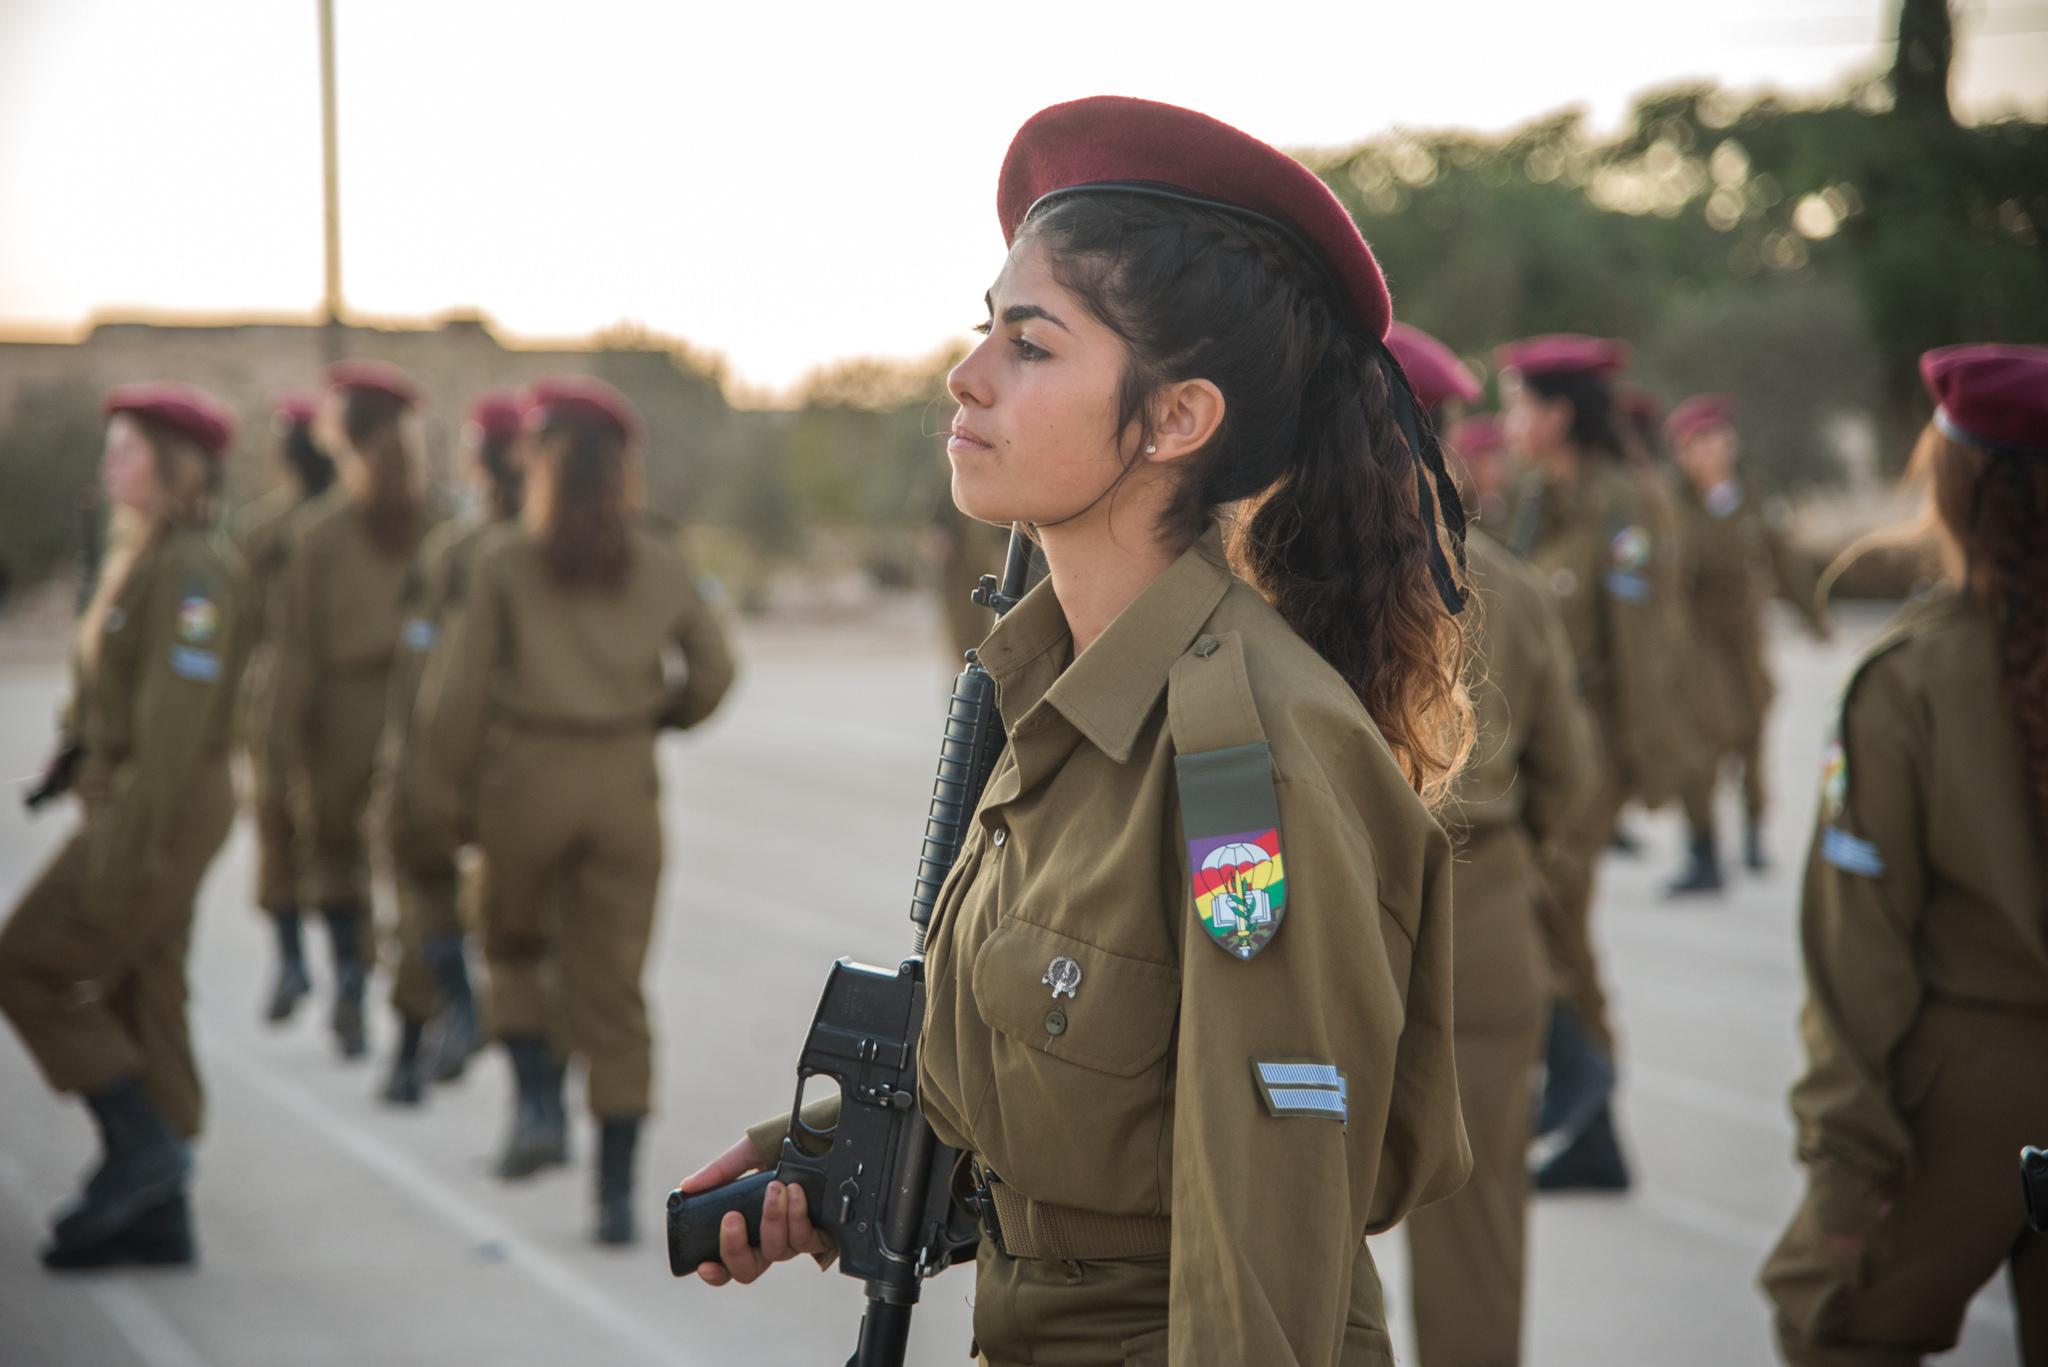 Женская армия. ( 55 фото ) 38861688145_53722d66a8_k.jpg